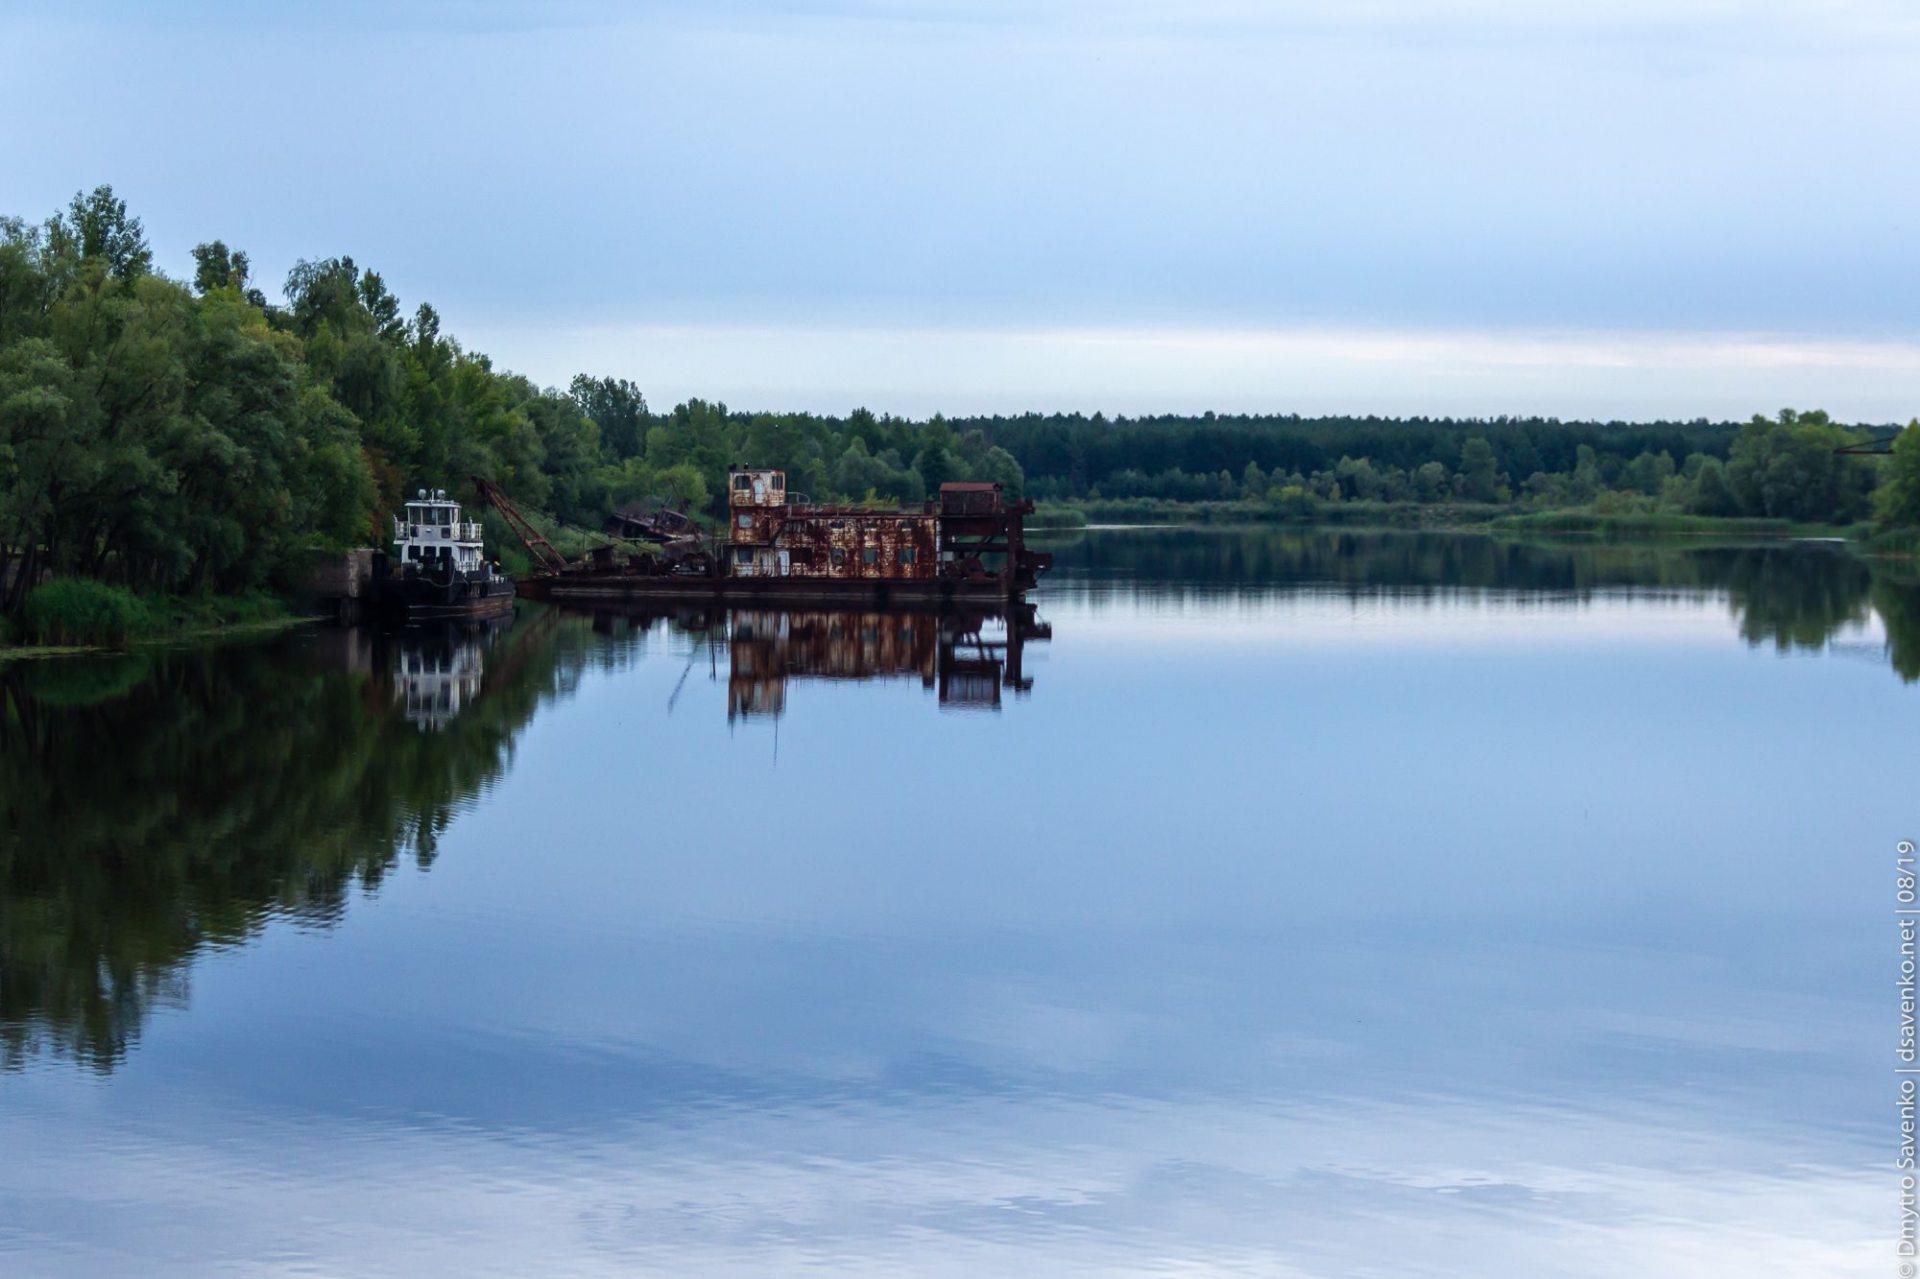 Днопоглиблення на річці Прип'ять може призвести до загрози поширення радіації по усій акваторії Дніпра